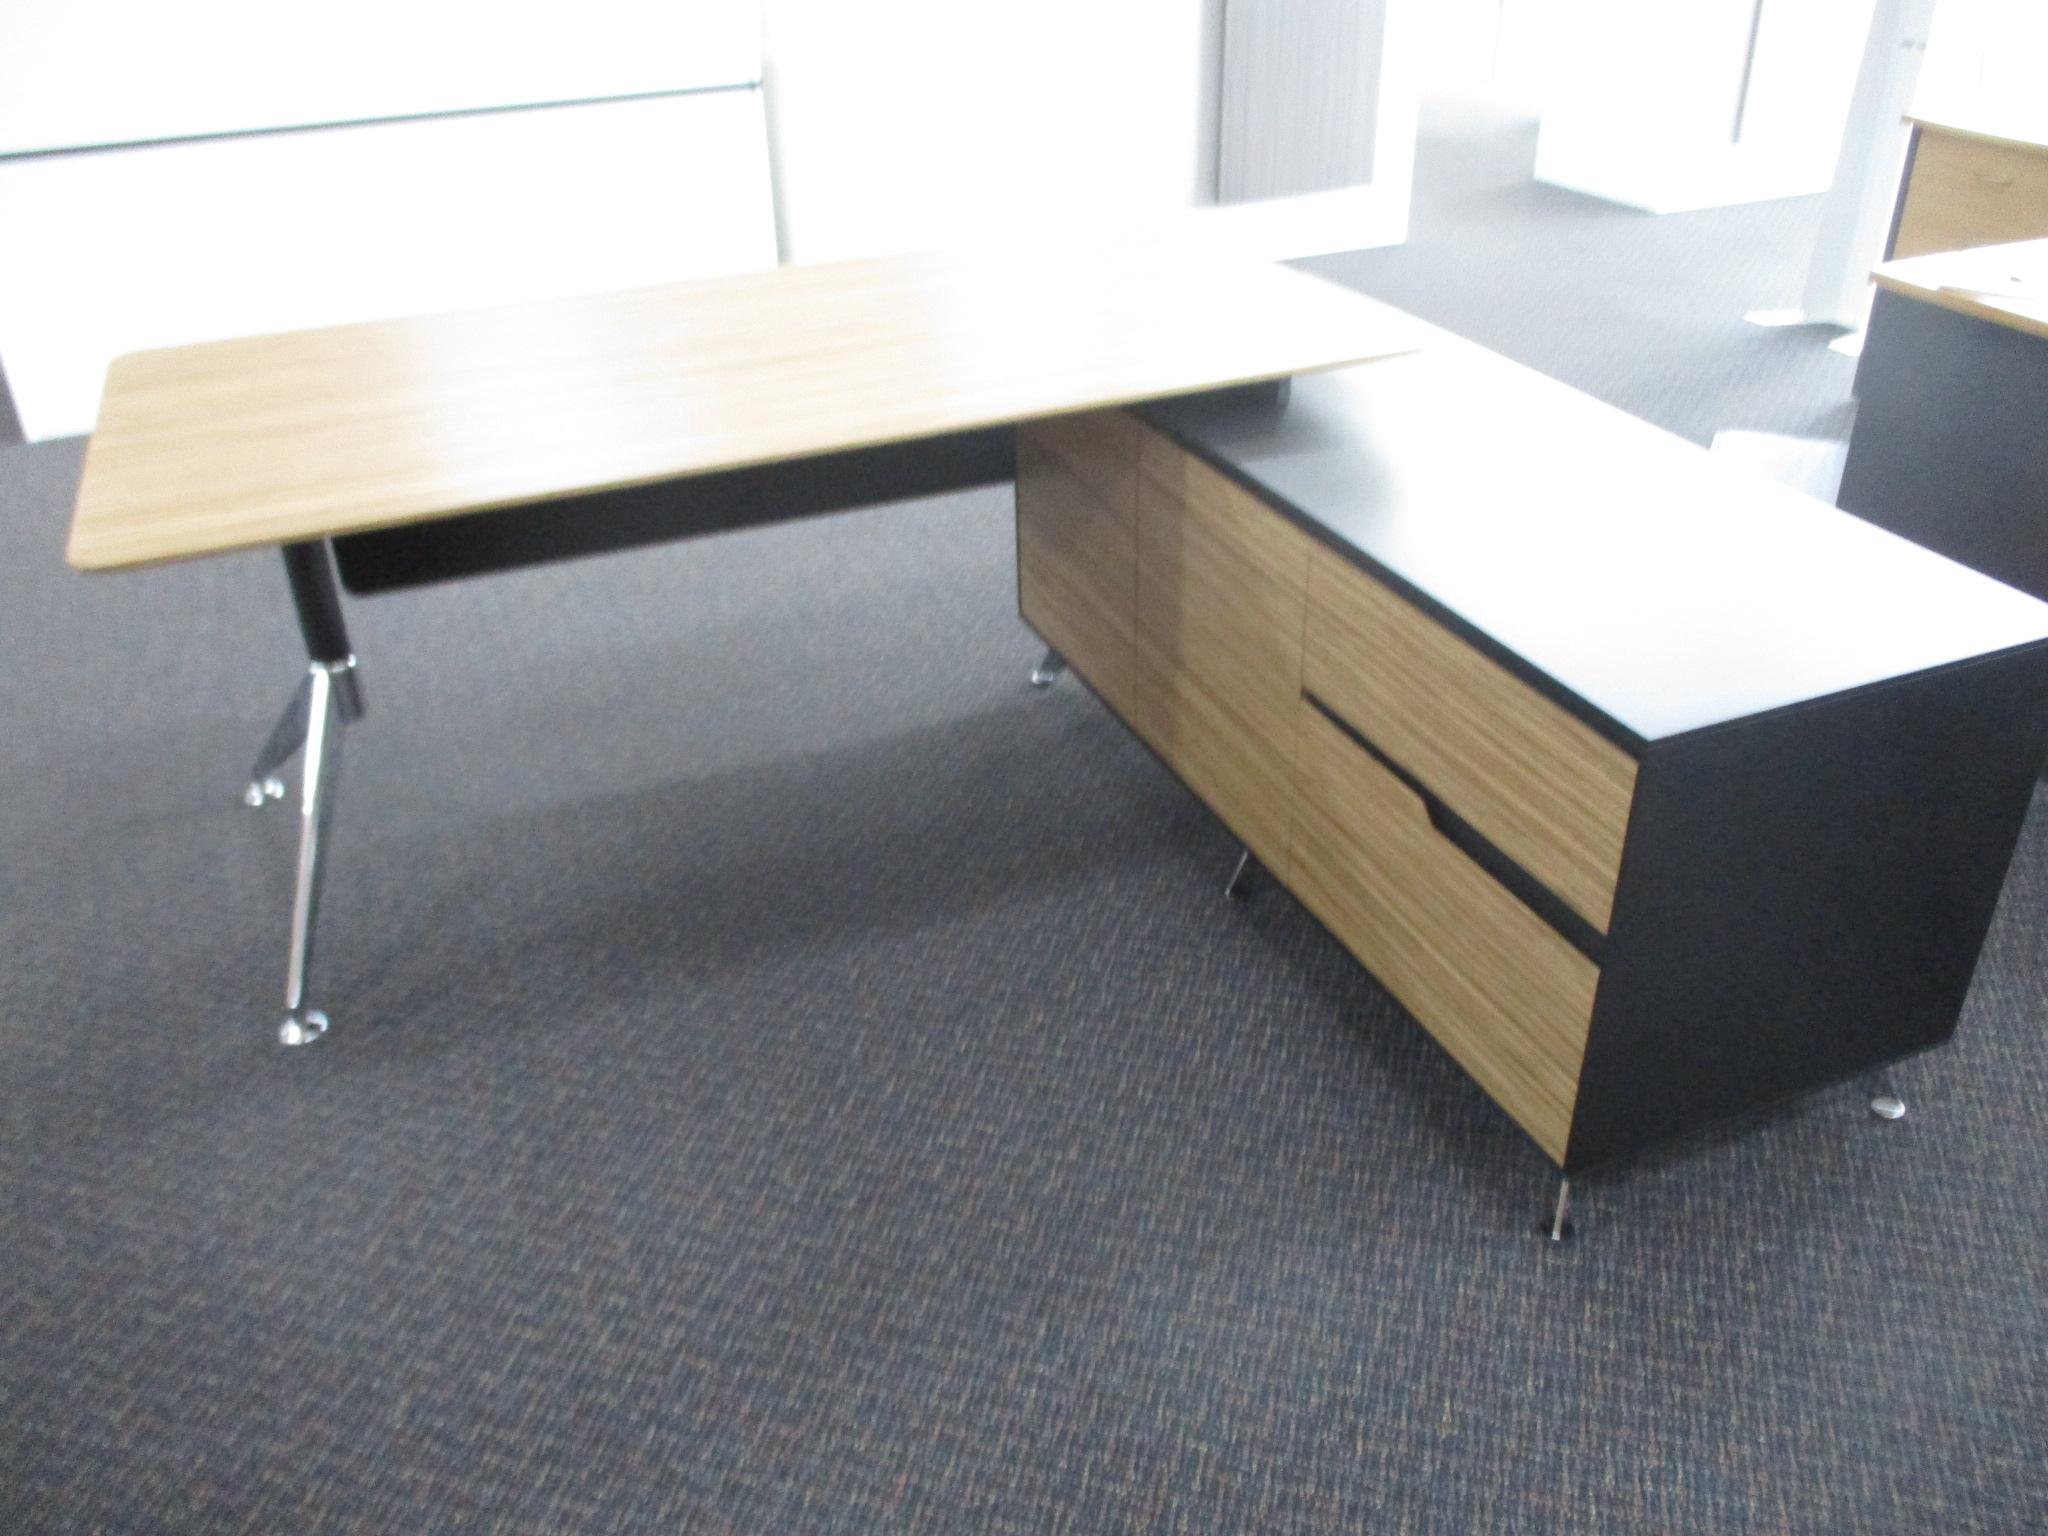 New Novara Executive Desk $2590